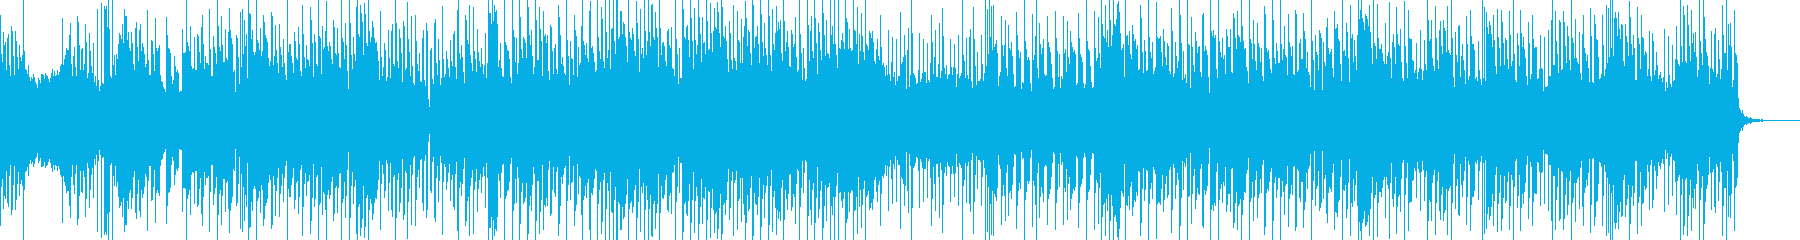 ベル音が気持ちいい爽やか系ポップス曲の再生済みの波形